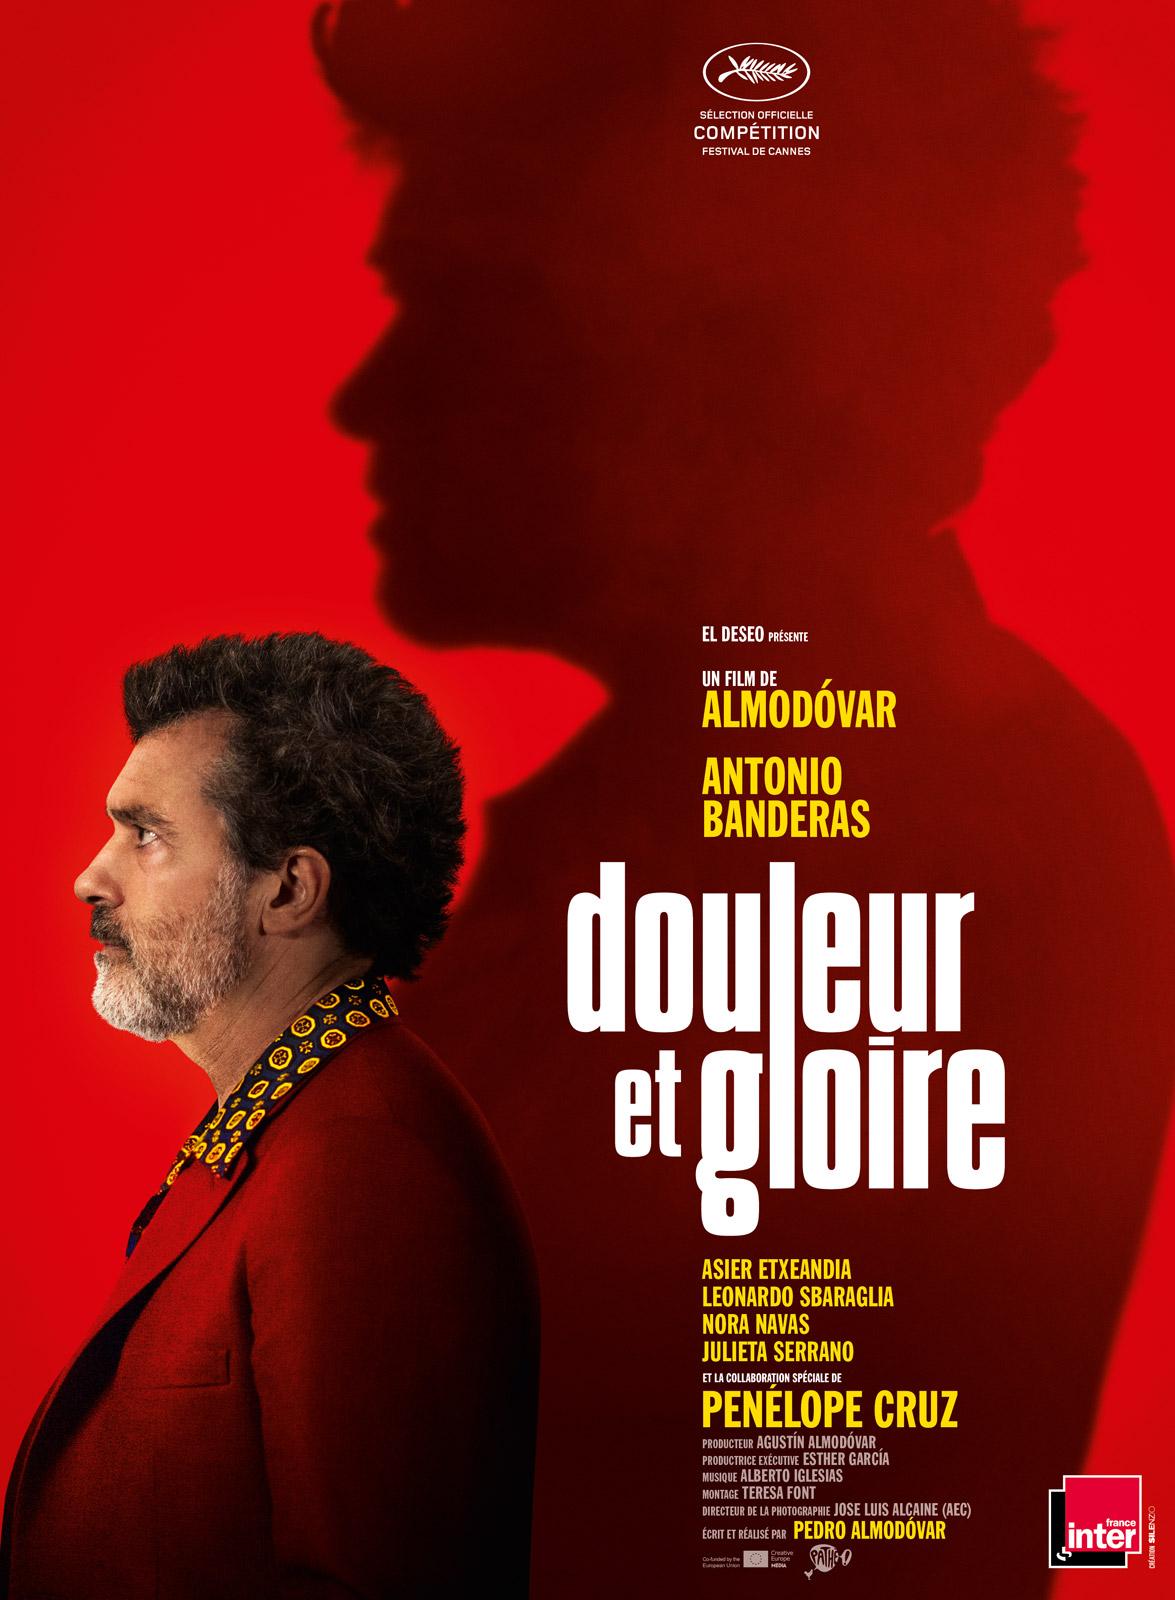 Douleur et gloire critique avis film cannes 2019 affiche